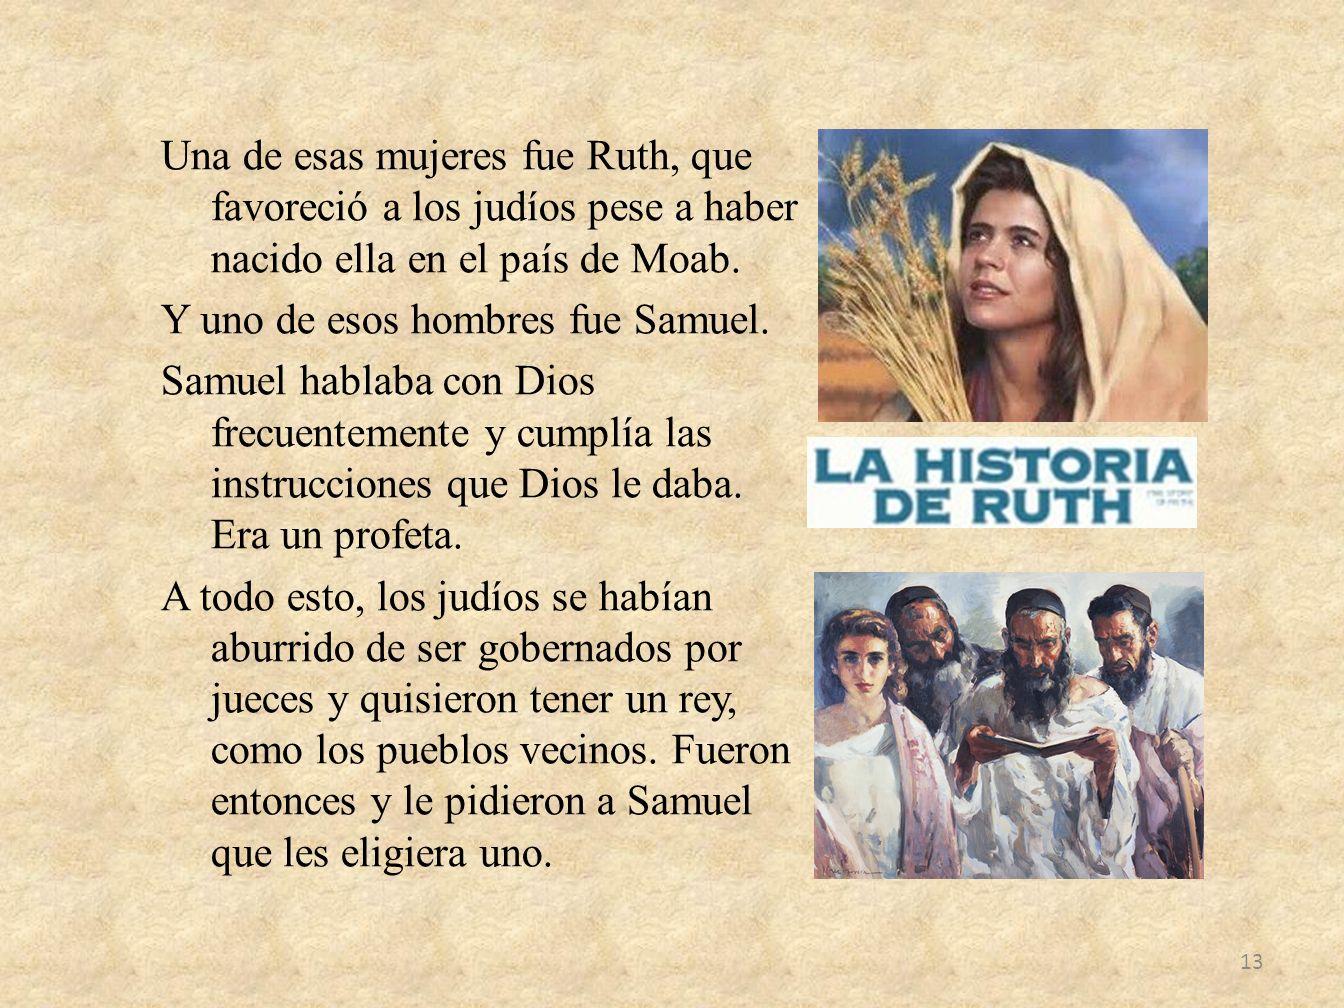 Samuel consultó con Dios y eligió rey a Saúl.